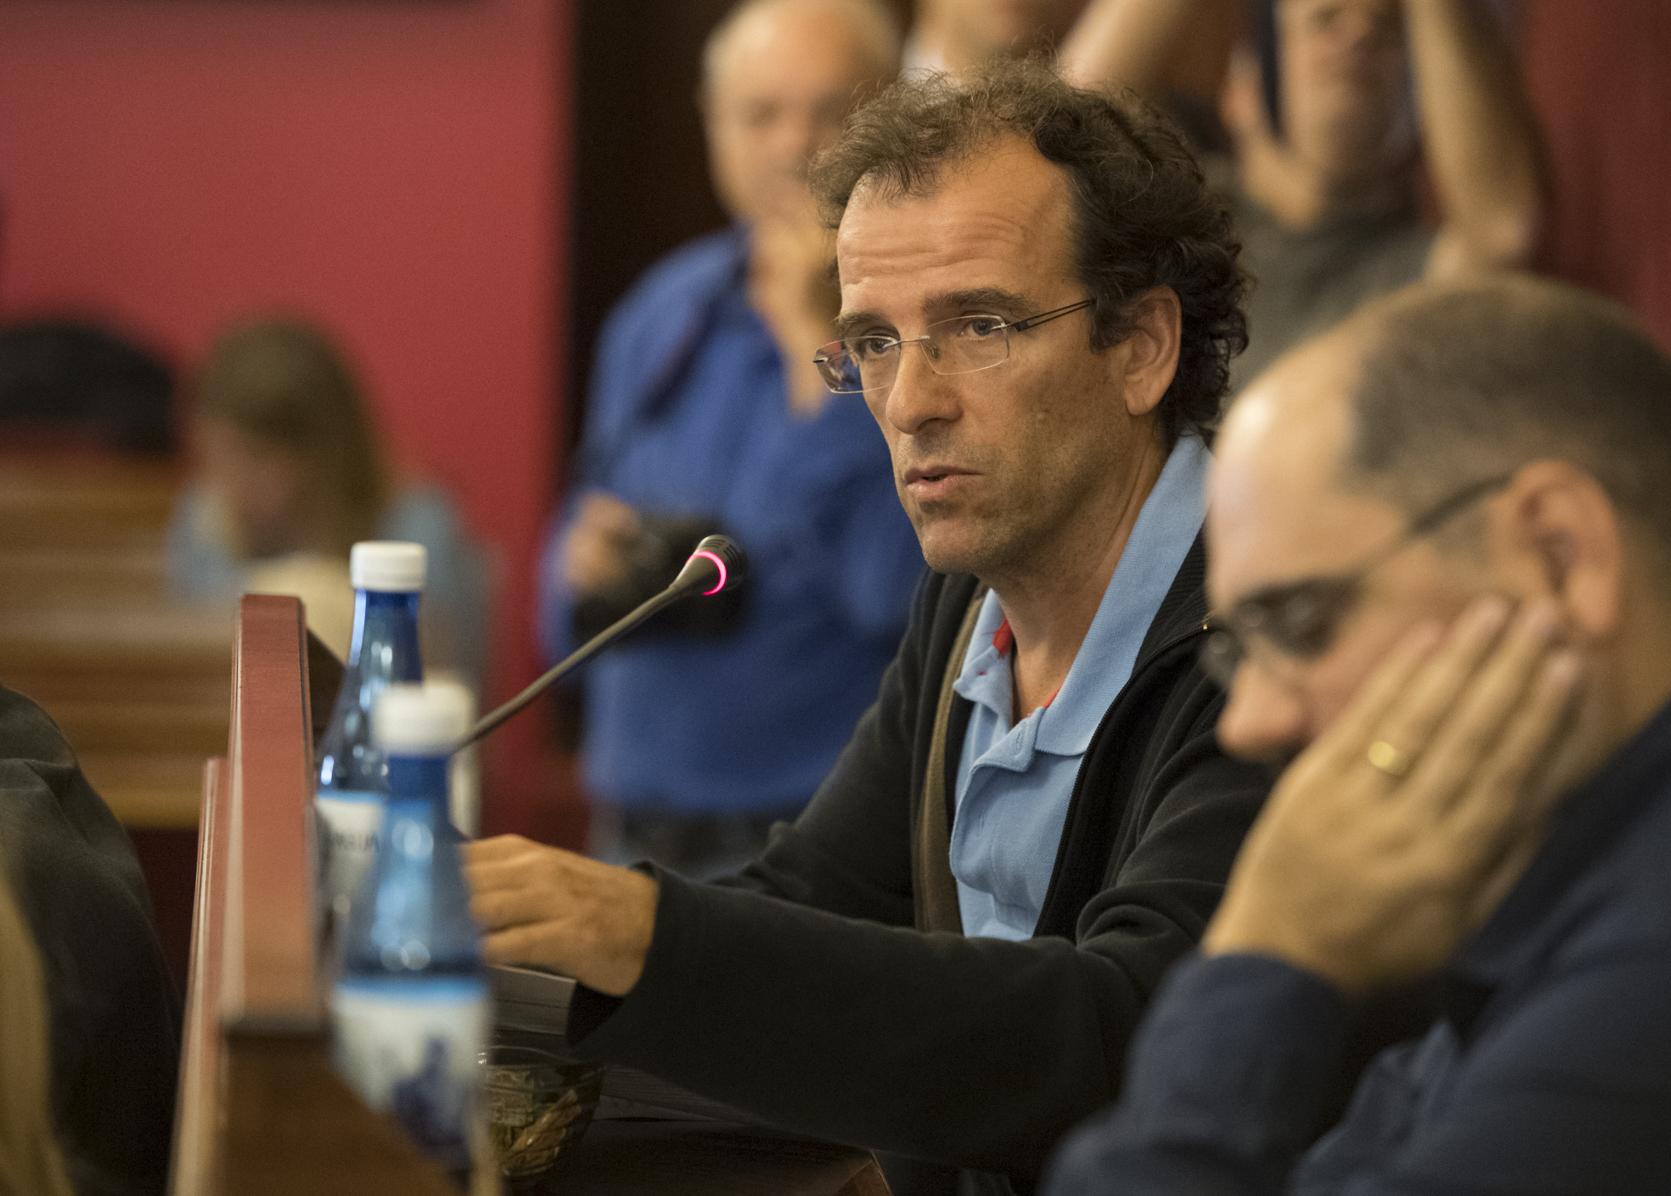 Diputació Només Reconeix Una Subvenció De 18.000 € Al CD Castelló I Preguntem A Les Corts Junt Amb Podem Per Aerocas